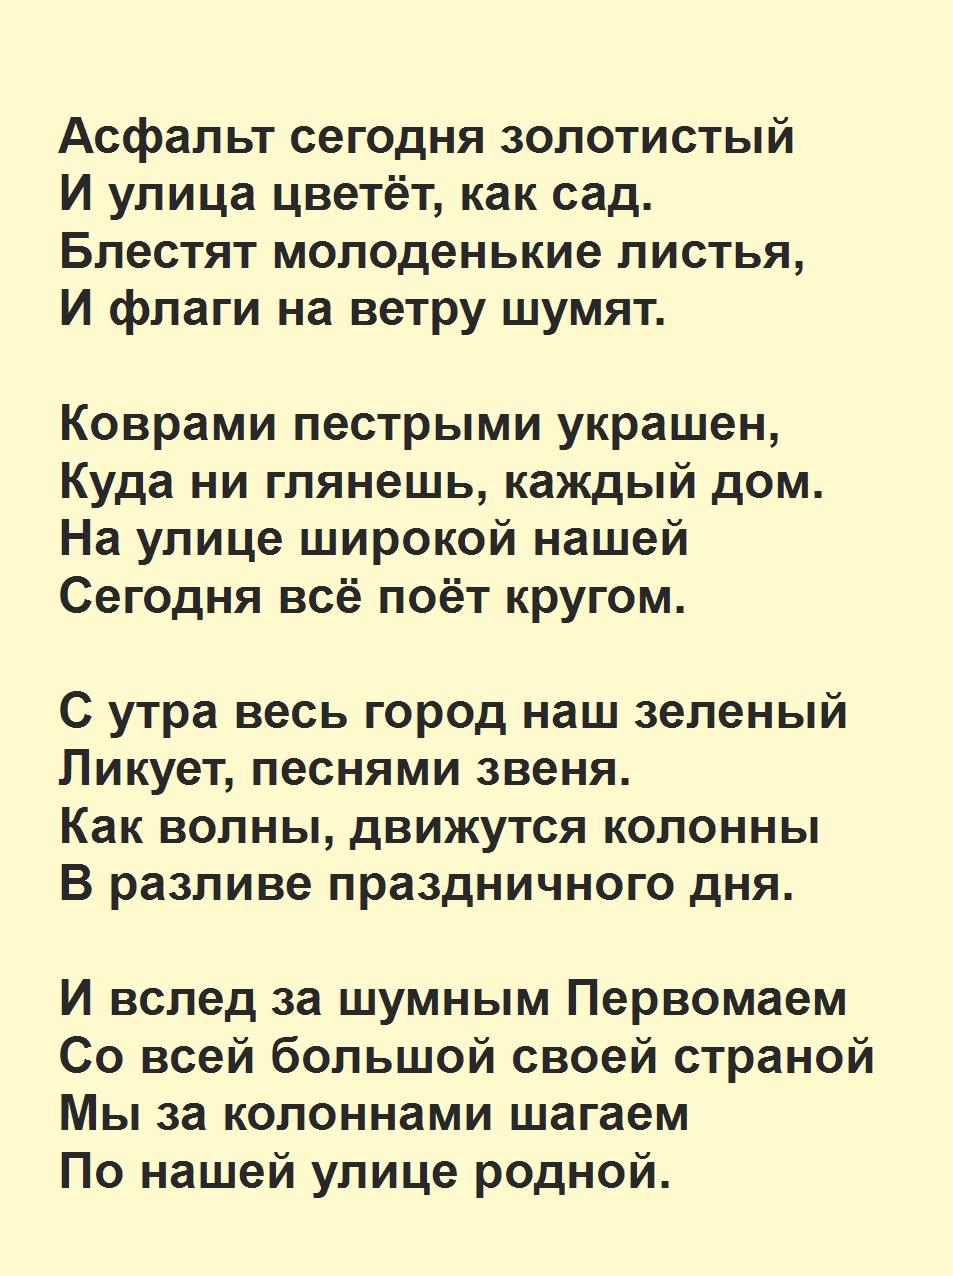 Стихи на 1 мая - Первомай